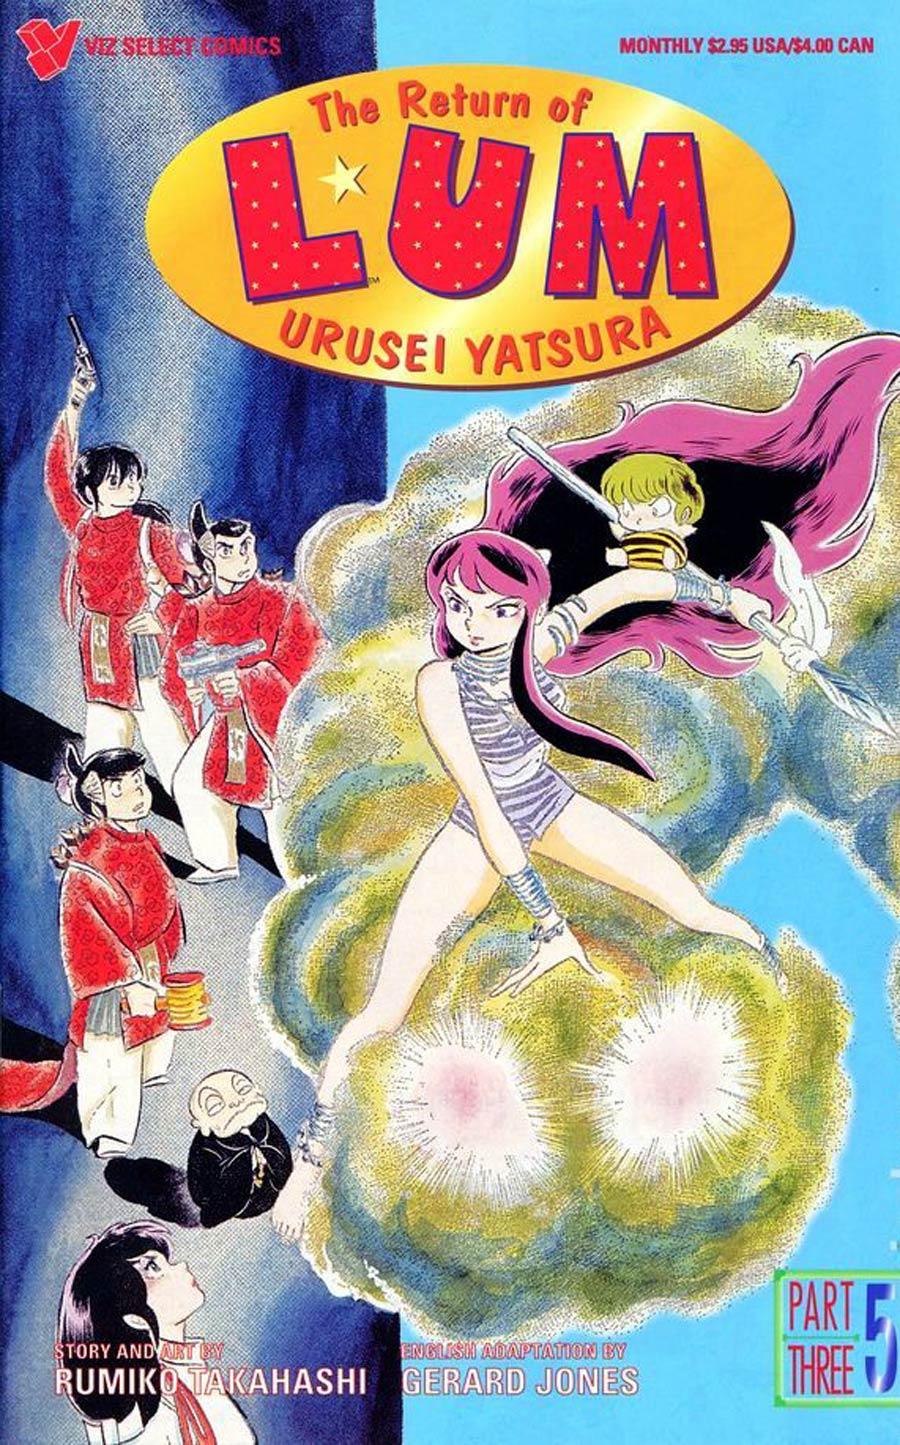 Return Of Lum Urusei Yatsura Part 3 #5